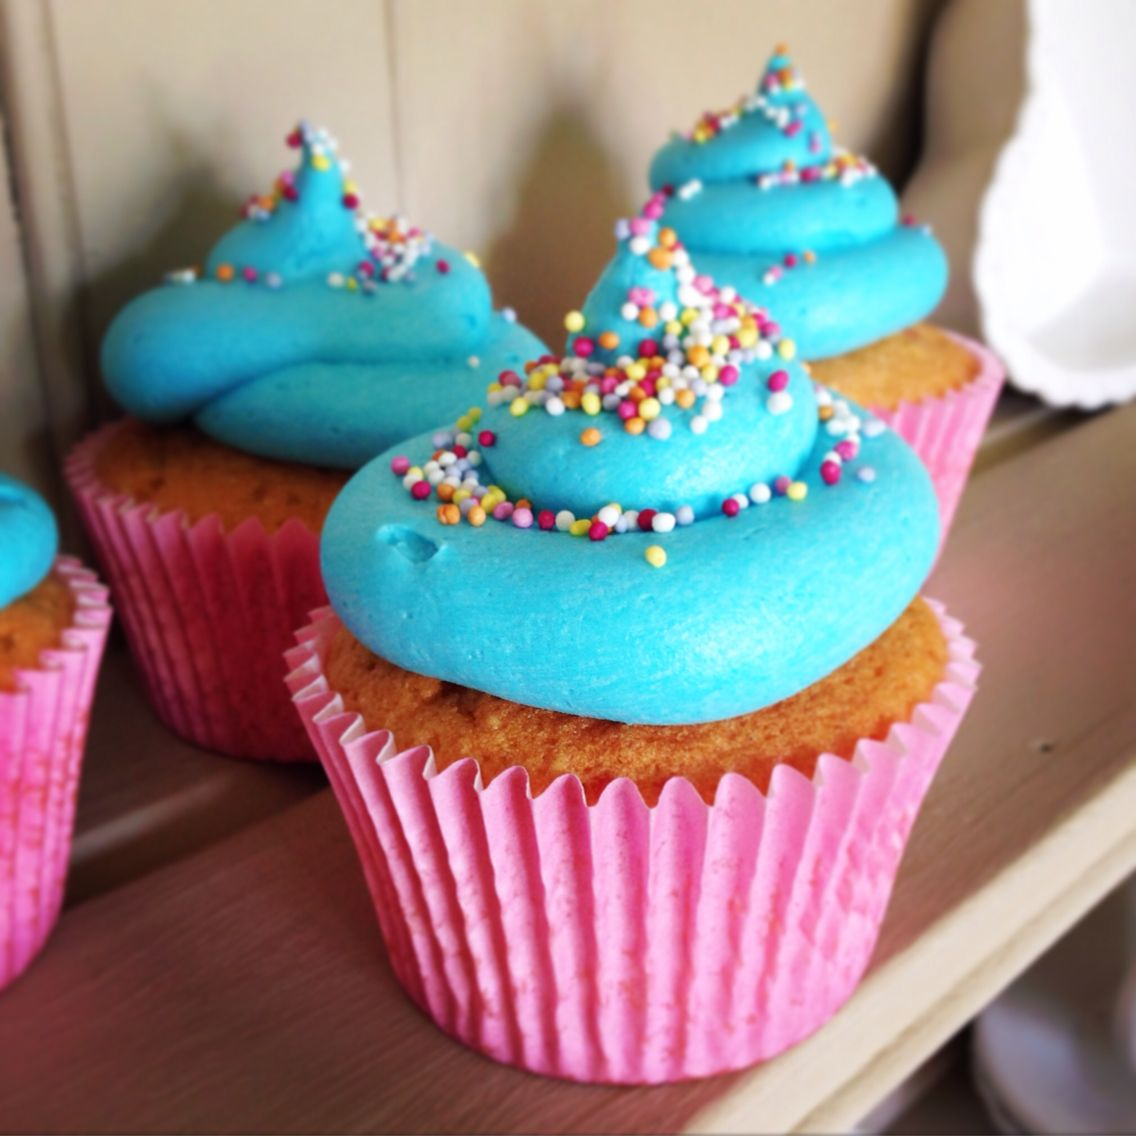 Bubblegum cupcakes desserts cake food